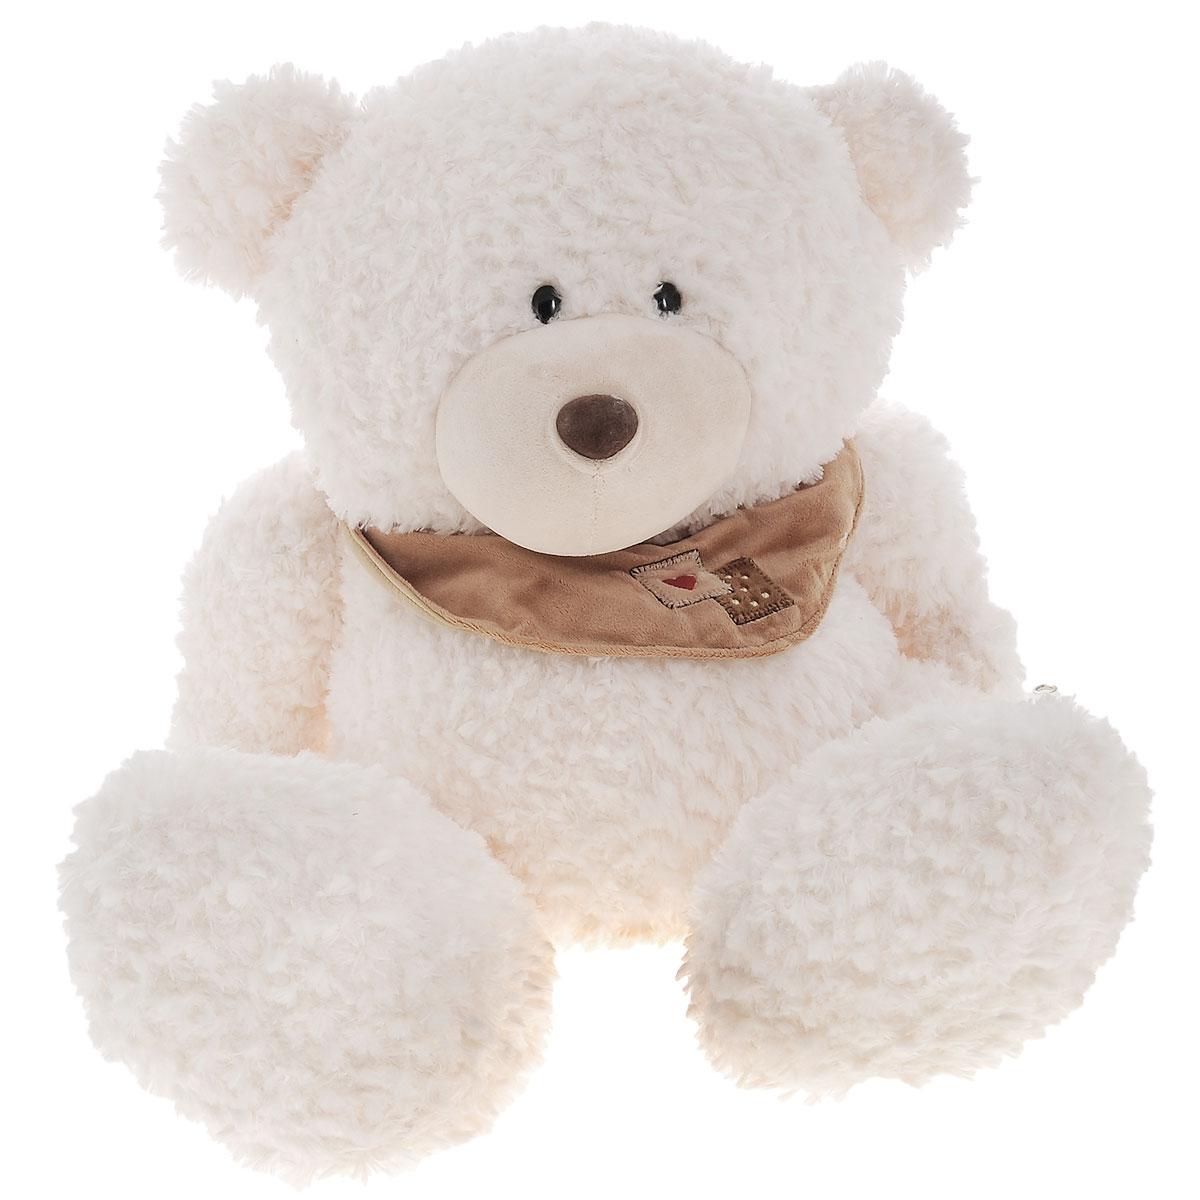 Plush Apple Мягкая игрушка Медведь с шарфом, 50 смK76163DМягкая игрушка Plush Apple Медведь с шарфом отлично подойдет в качестве подарка для ребенка или взрослого. Большой плюшевый Мишка произведен из безопасных и высококачественных материалов. Мишка украшен стильным шарфом. У него пушистая приятная шерстка, черные глаза-бусинки и большие лапки. С ним можно спать или играть в сюжетно-ролевые игры. Удивительно мягкая игрушка принесет радость и подарит своему обладателю мгновения нежных объятий и приятных воспоминаний.